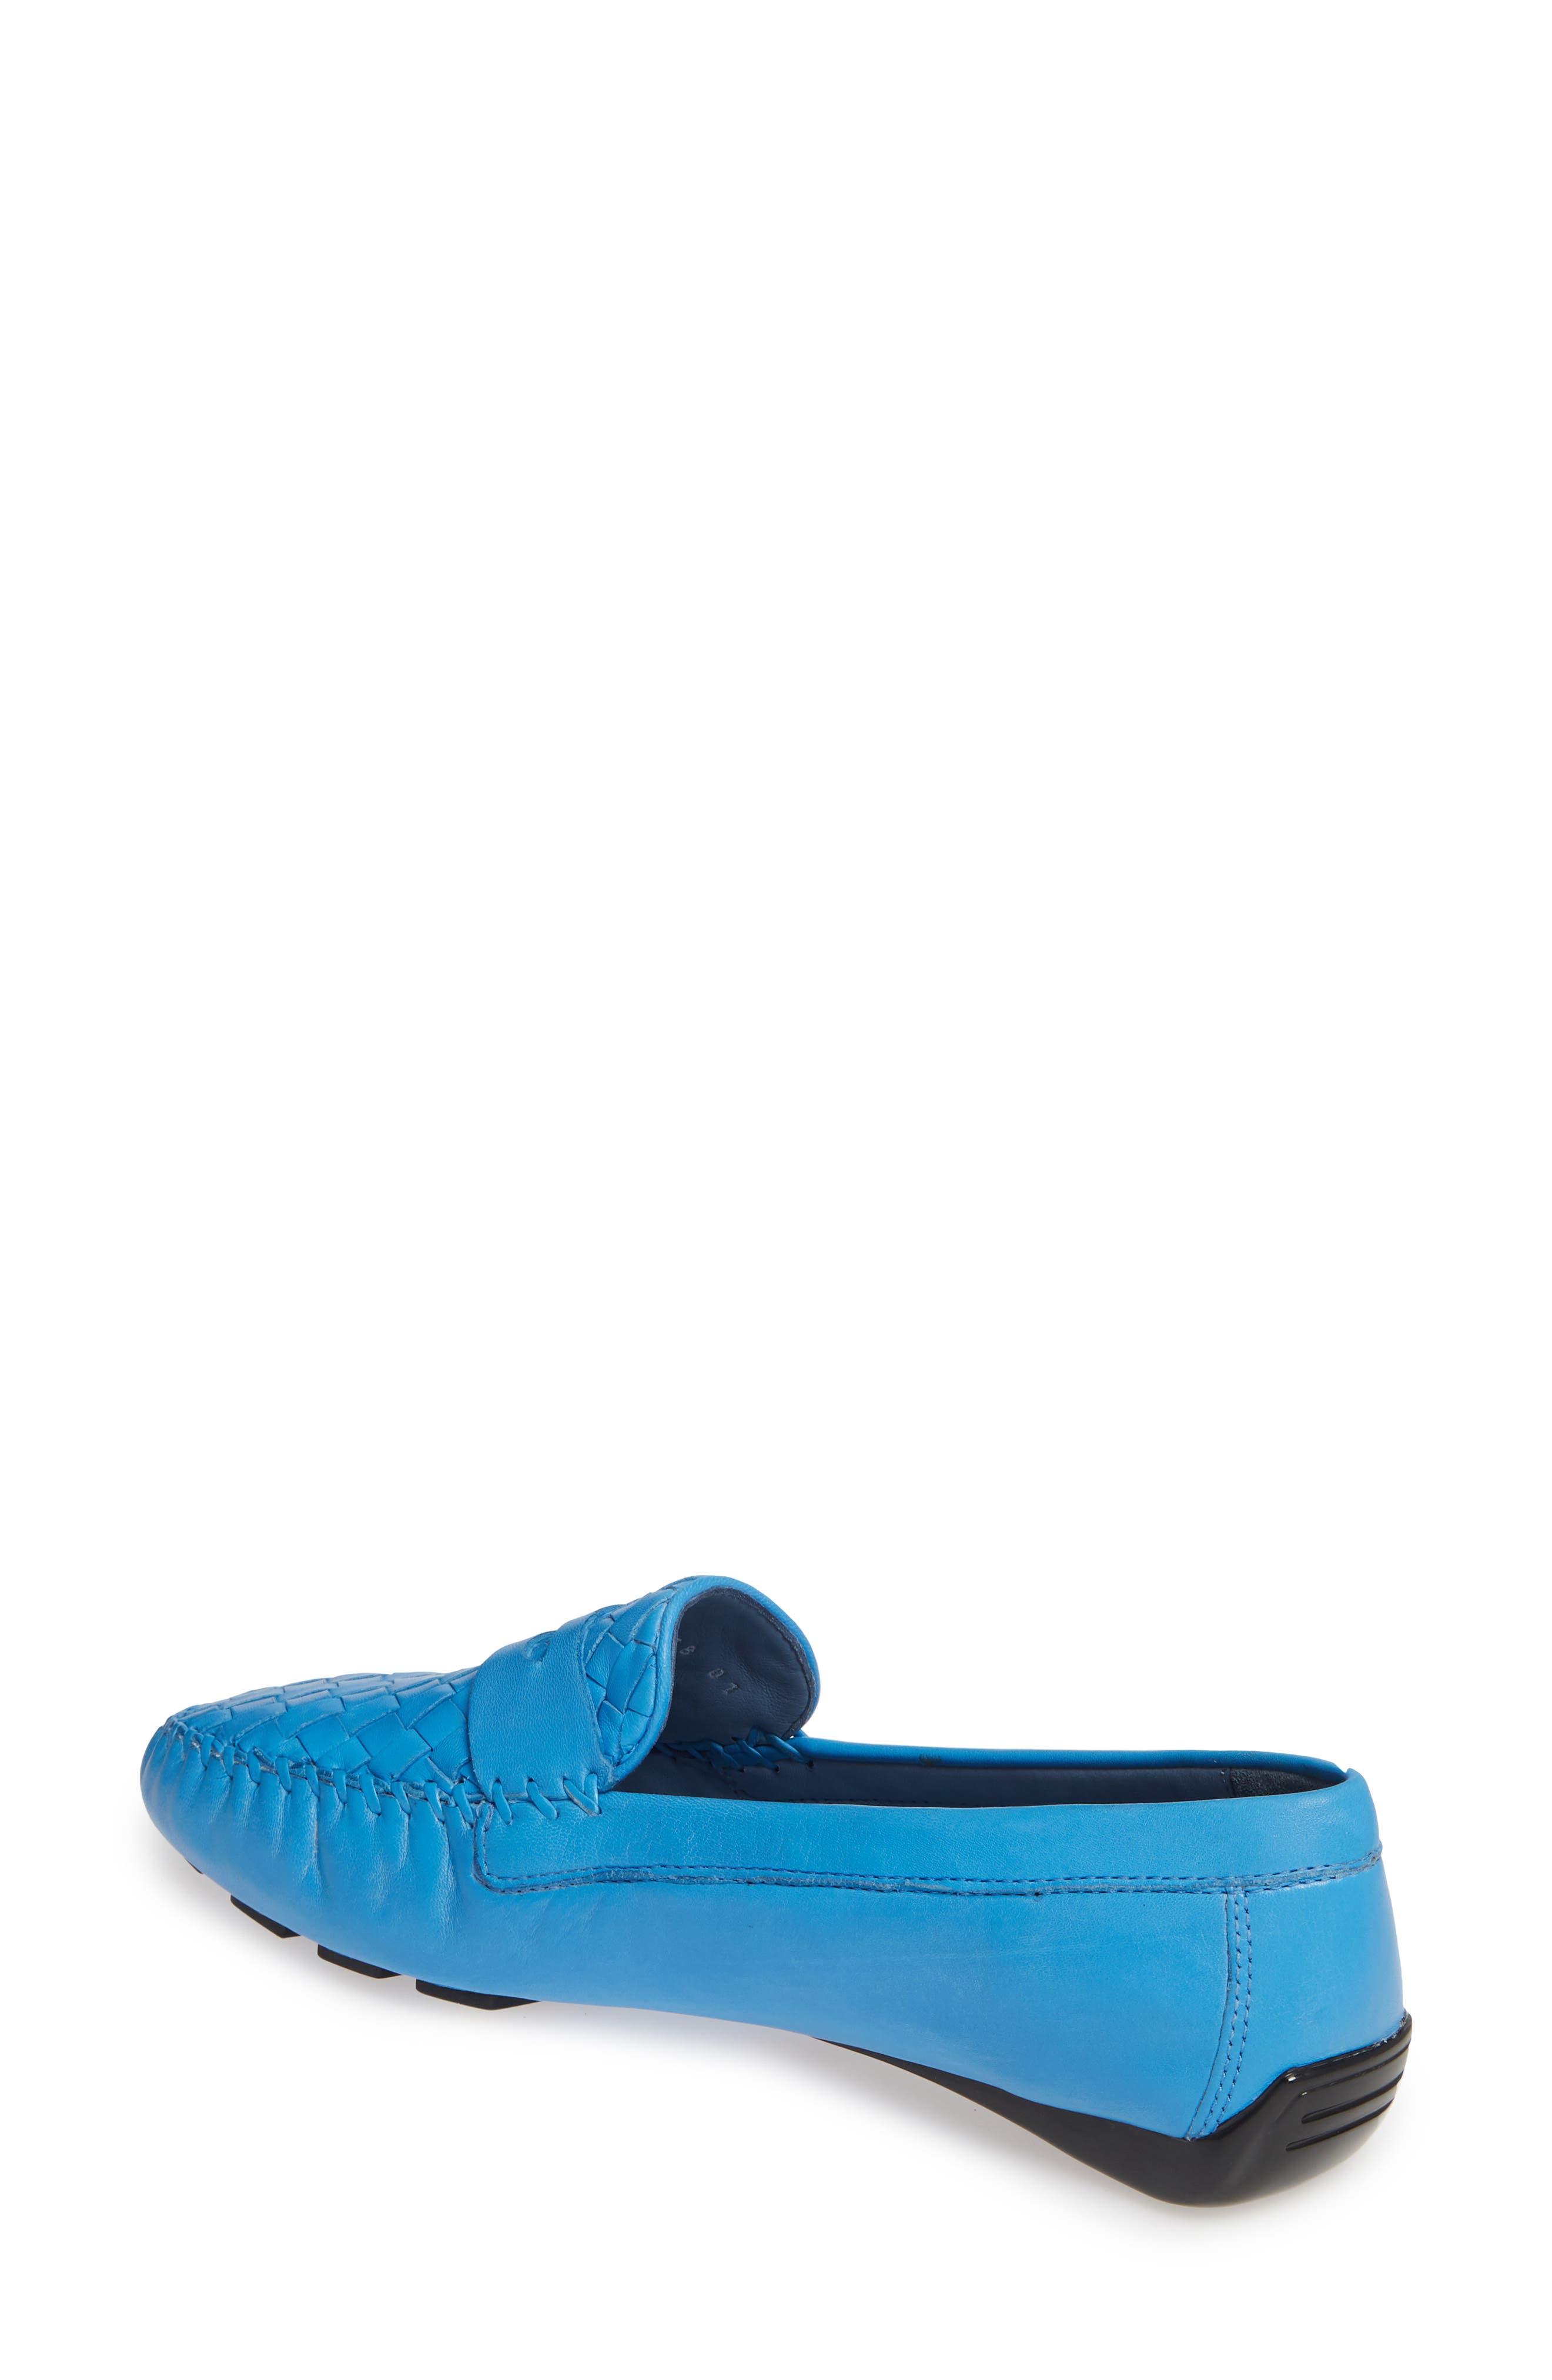 635f8181a9b Women s Robert Zur Narrow Shoes